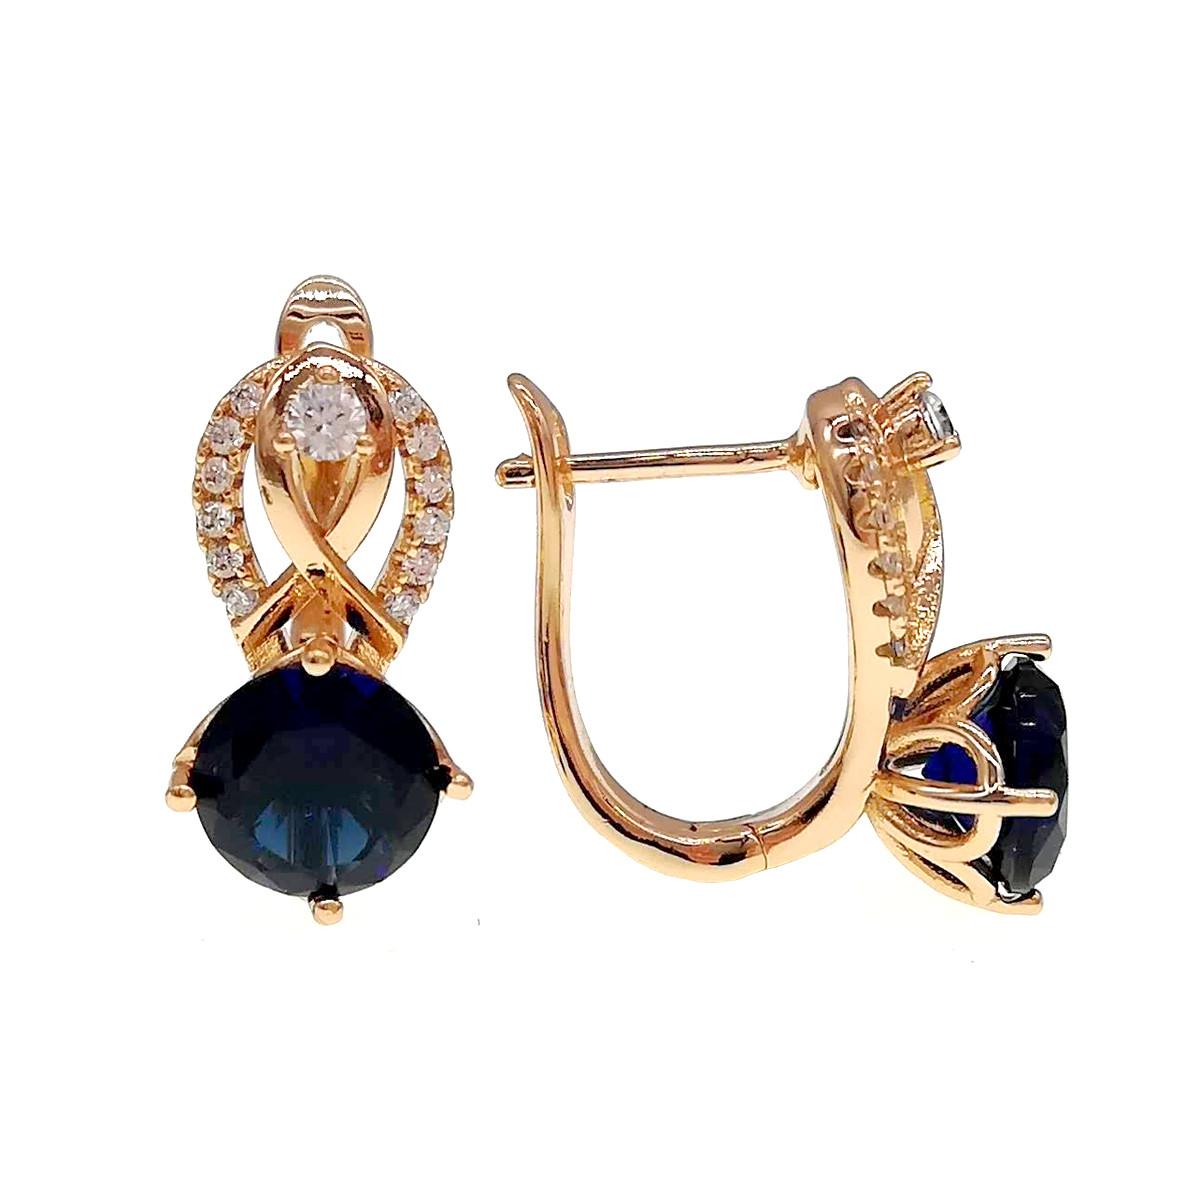 Сережки Xuping з медичного золота, сині і білі фіаніти, позолота 18К, 24239 (1)